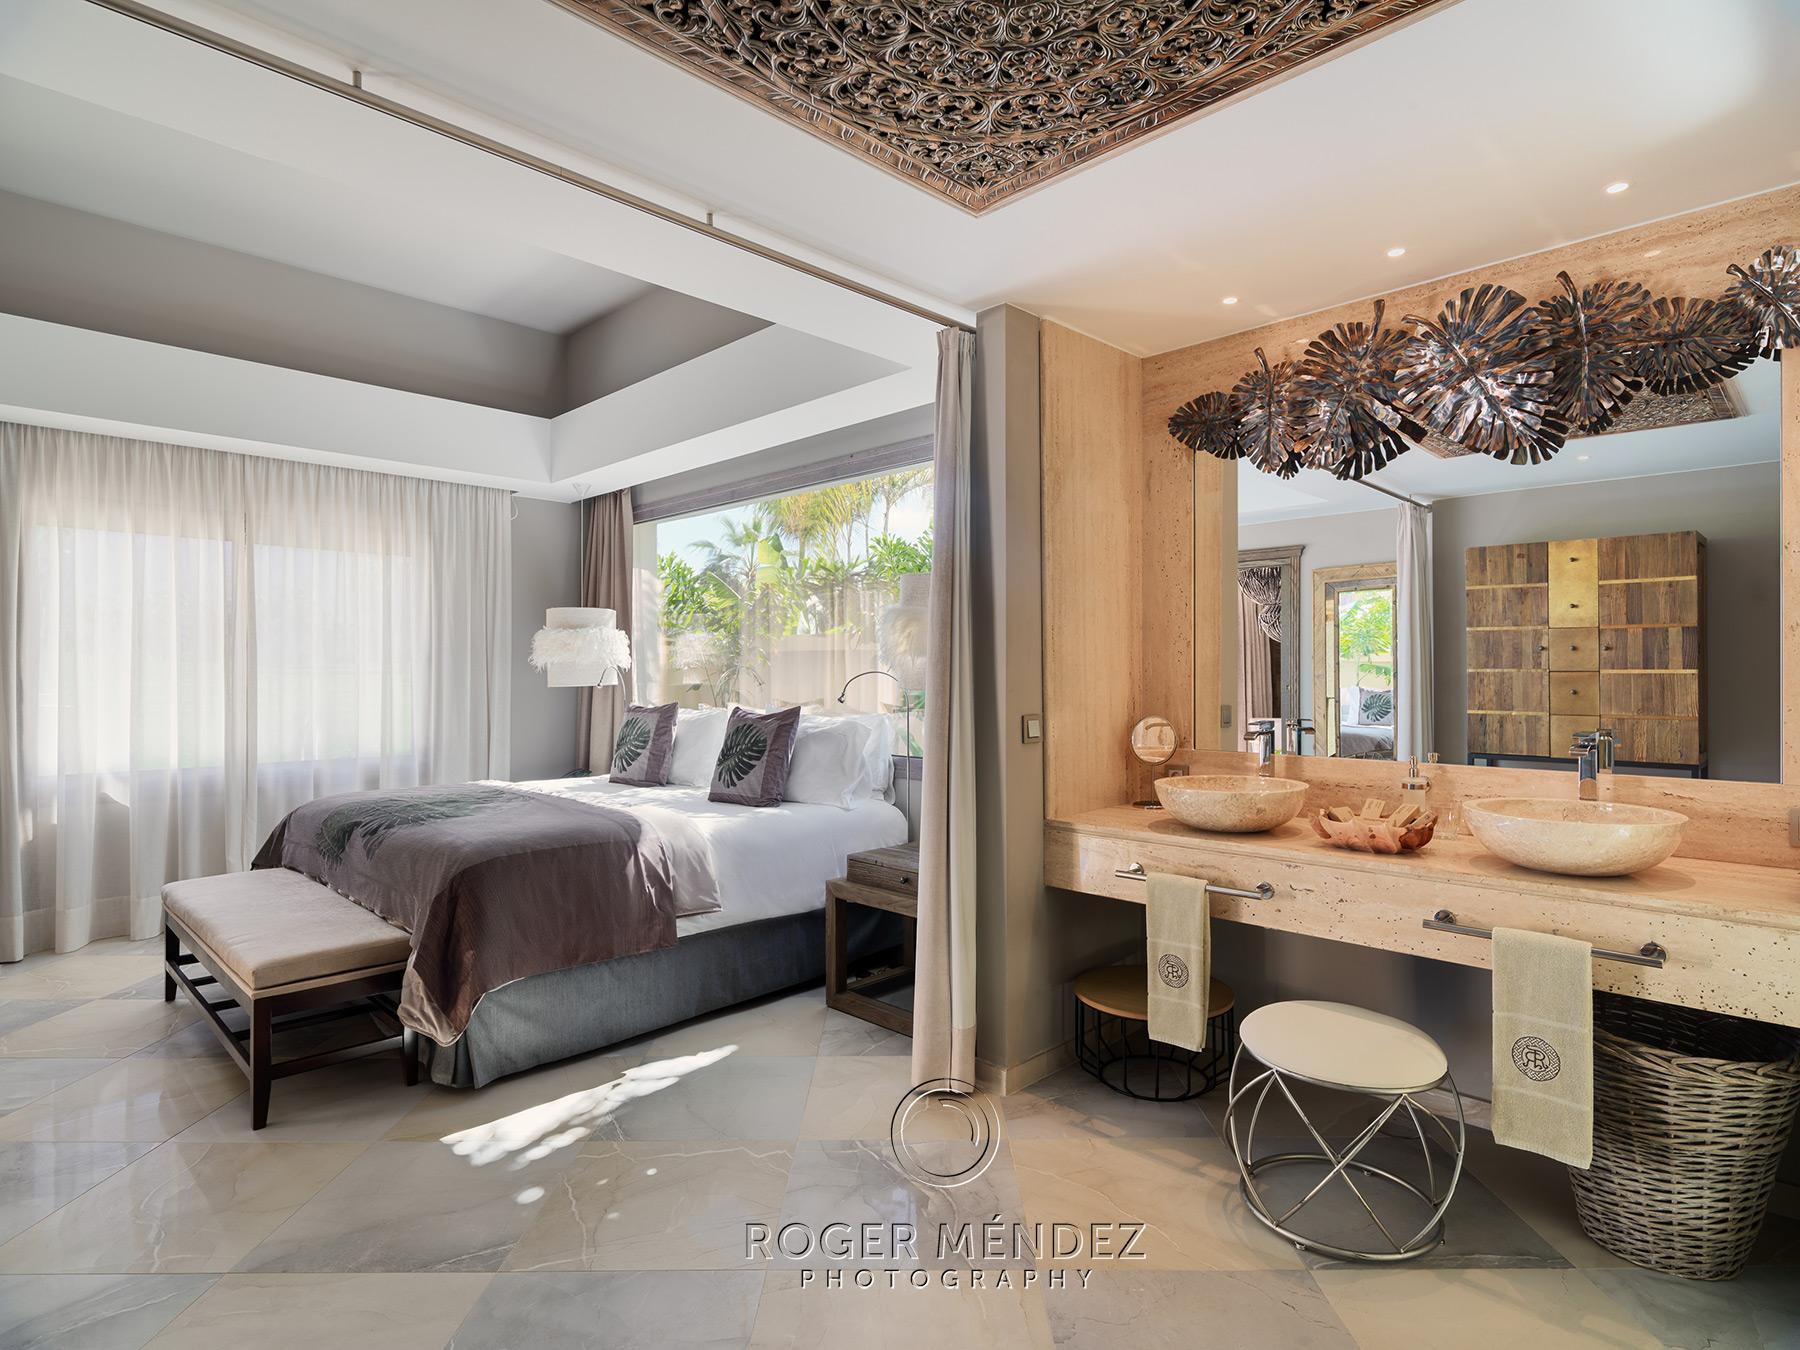 Bedroom villa shot